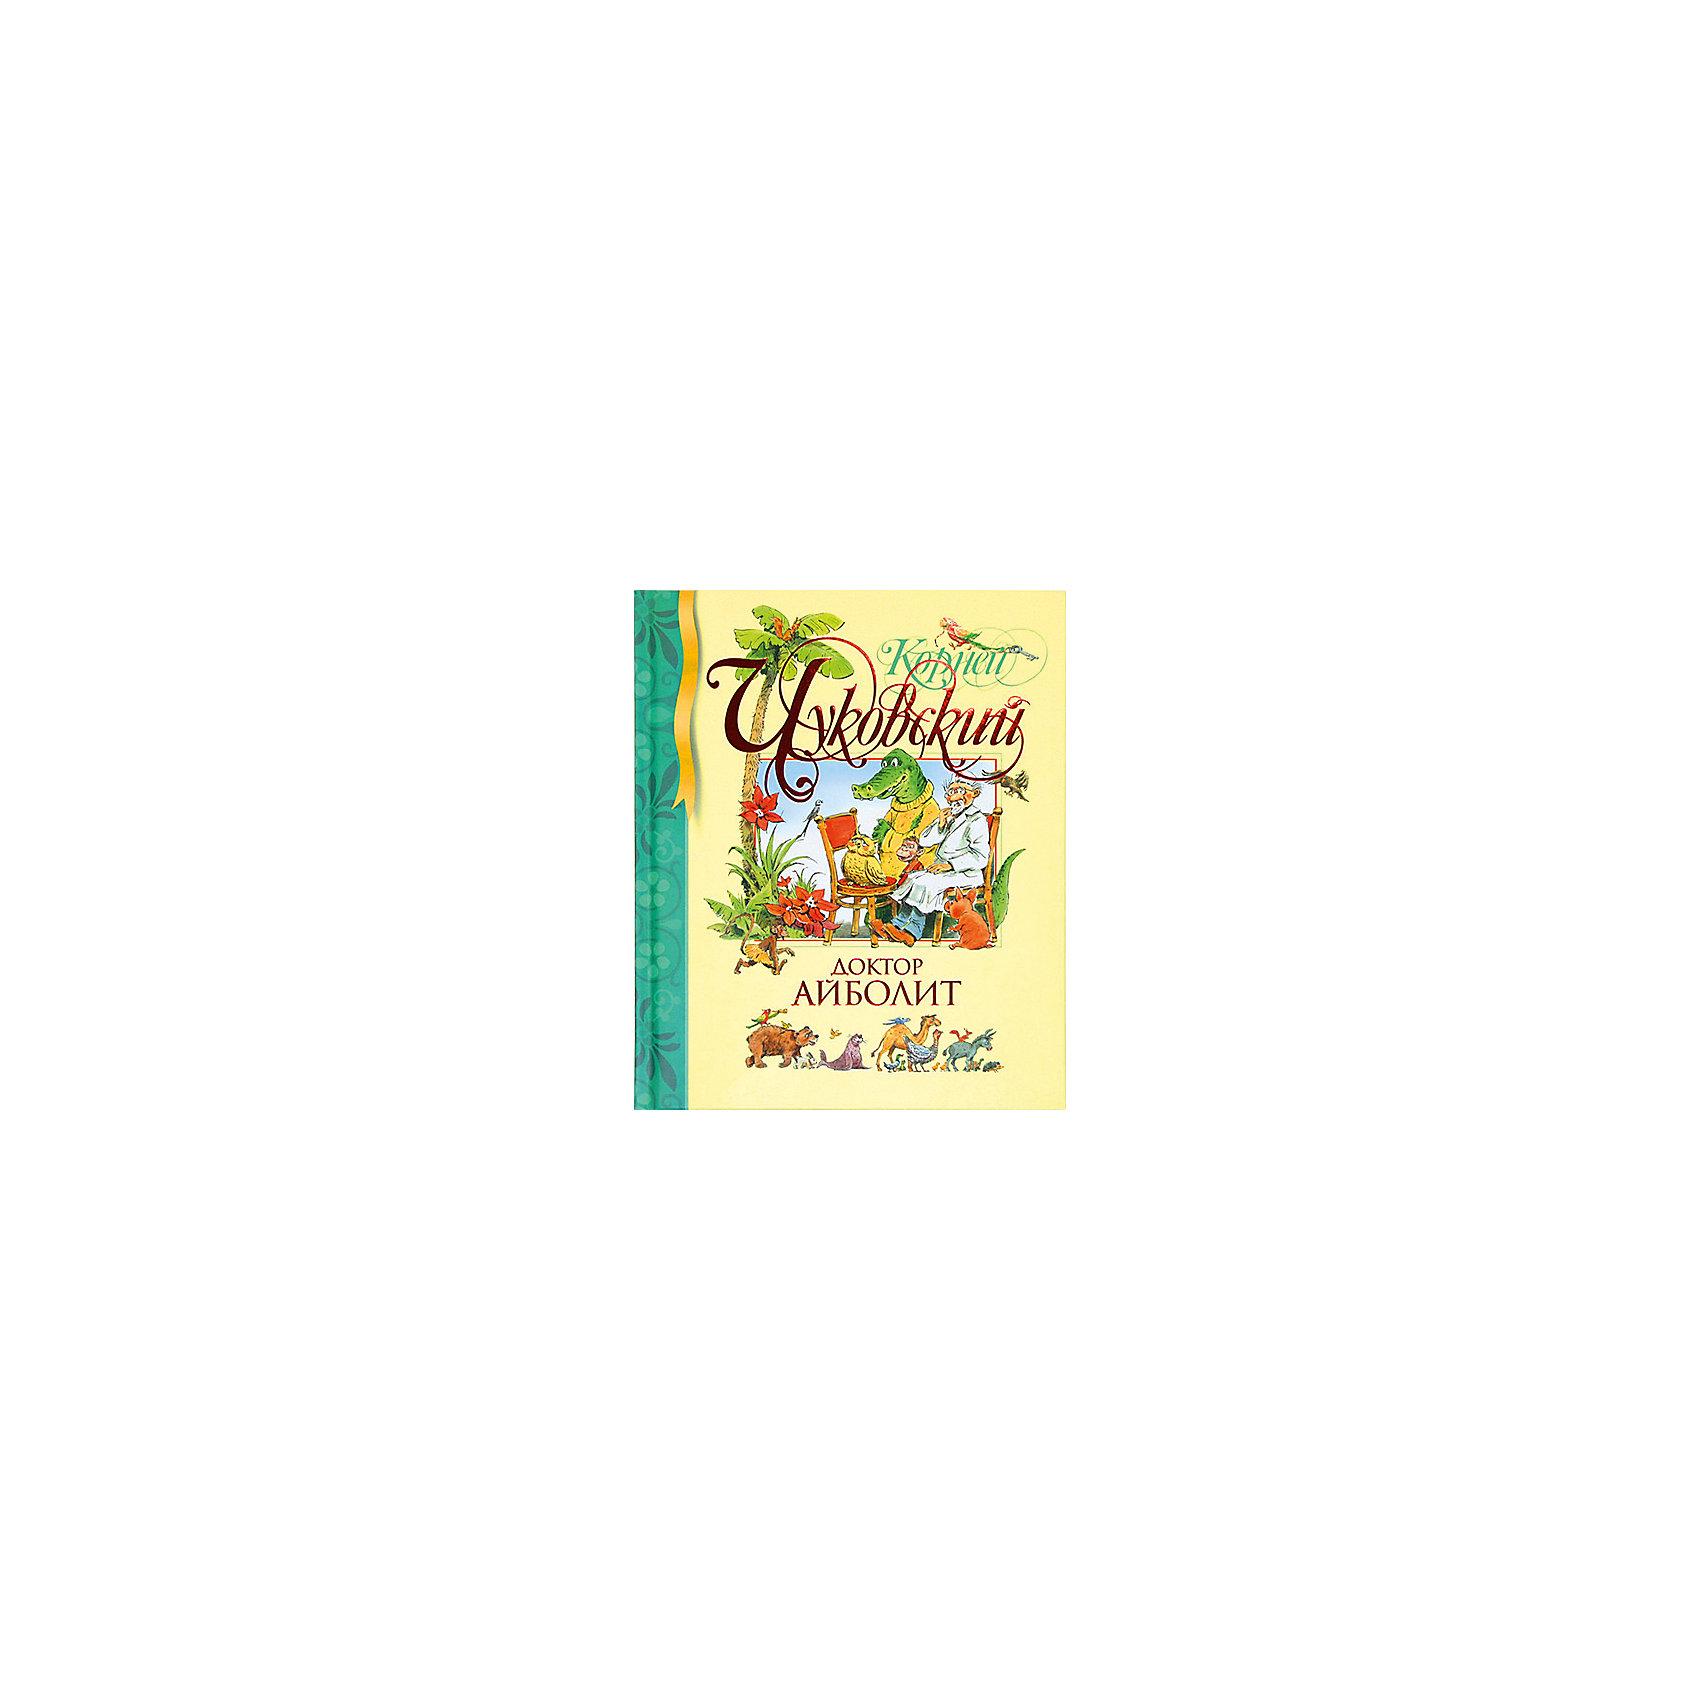 Доктор Айболит, К.И. ЧуковскийРусские сказки<br>Замечательная сказка Корнея Ивановича Чуковского о добром докторе Айболите, очень любившем зверей, его злой сестрице Варваре и коварных пиратах, которых Айболит и его друзья, в конце концов, побеждают.<br><br>История, знакомая каждому с детства. Любимая сказка в прекрасном оформлении и с чарующими иллюстрациями. Издание включает в себя две сказки Доктор Айболит и Джек - покоритель великанов.<br><br>Уникальное издание, в котором вы найдете удивительной красоты иллюстрации, неповторимый стиль оформления.<br>Книга украшена золотым тиснением на обложке и напечатана в удобном для ребенка формате.<br><br>Ширина мм: 235<br>Глубина мм: 195<br>Высота мм: 12<br>Вес г: 436<br>Возраст от месяцев: 36<br>Возраст до месяцев: 72<br>Пол: Унисекс<br>Возраст: Детский<br>SKU: 4818036